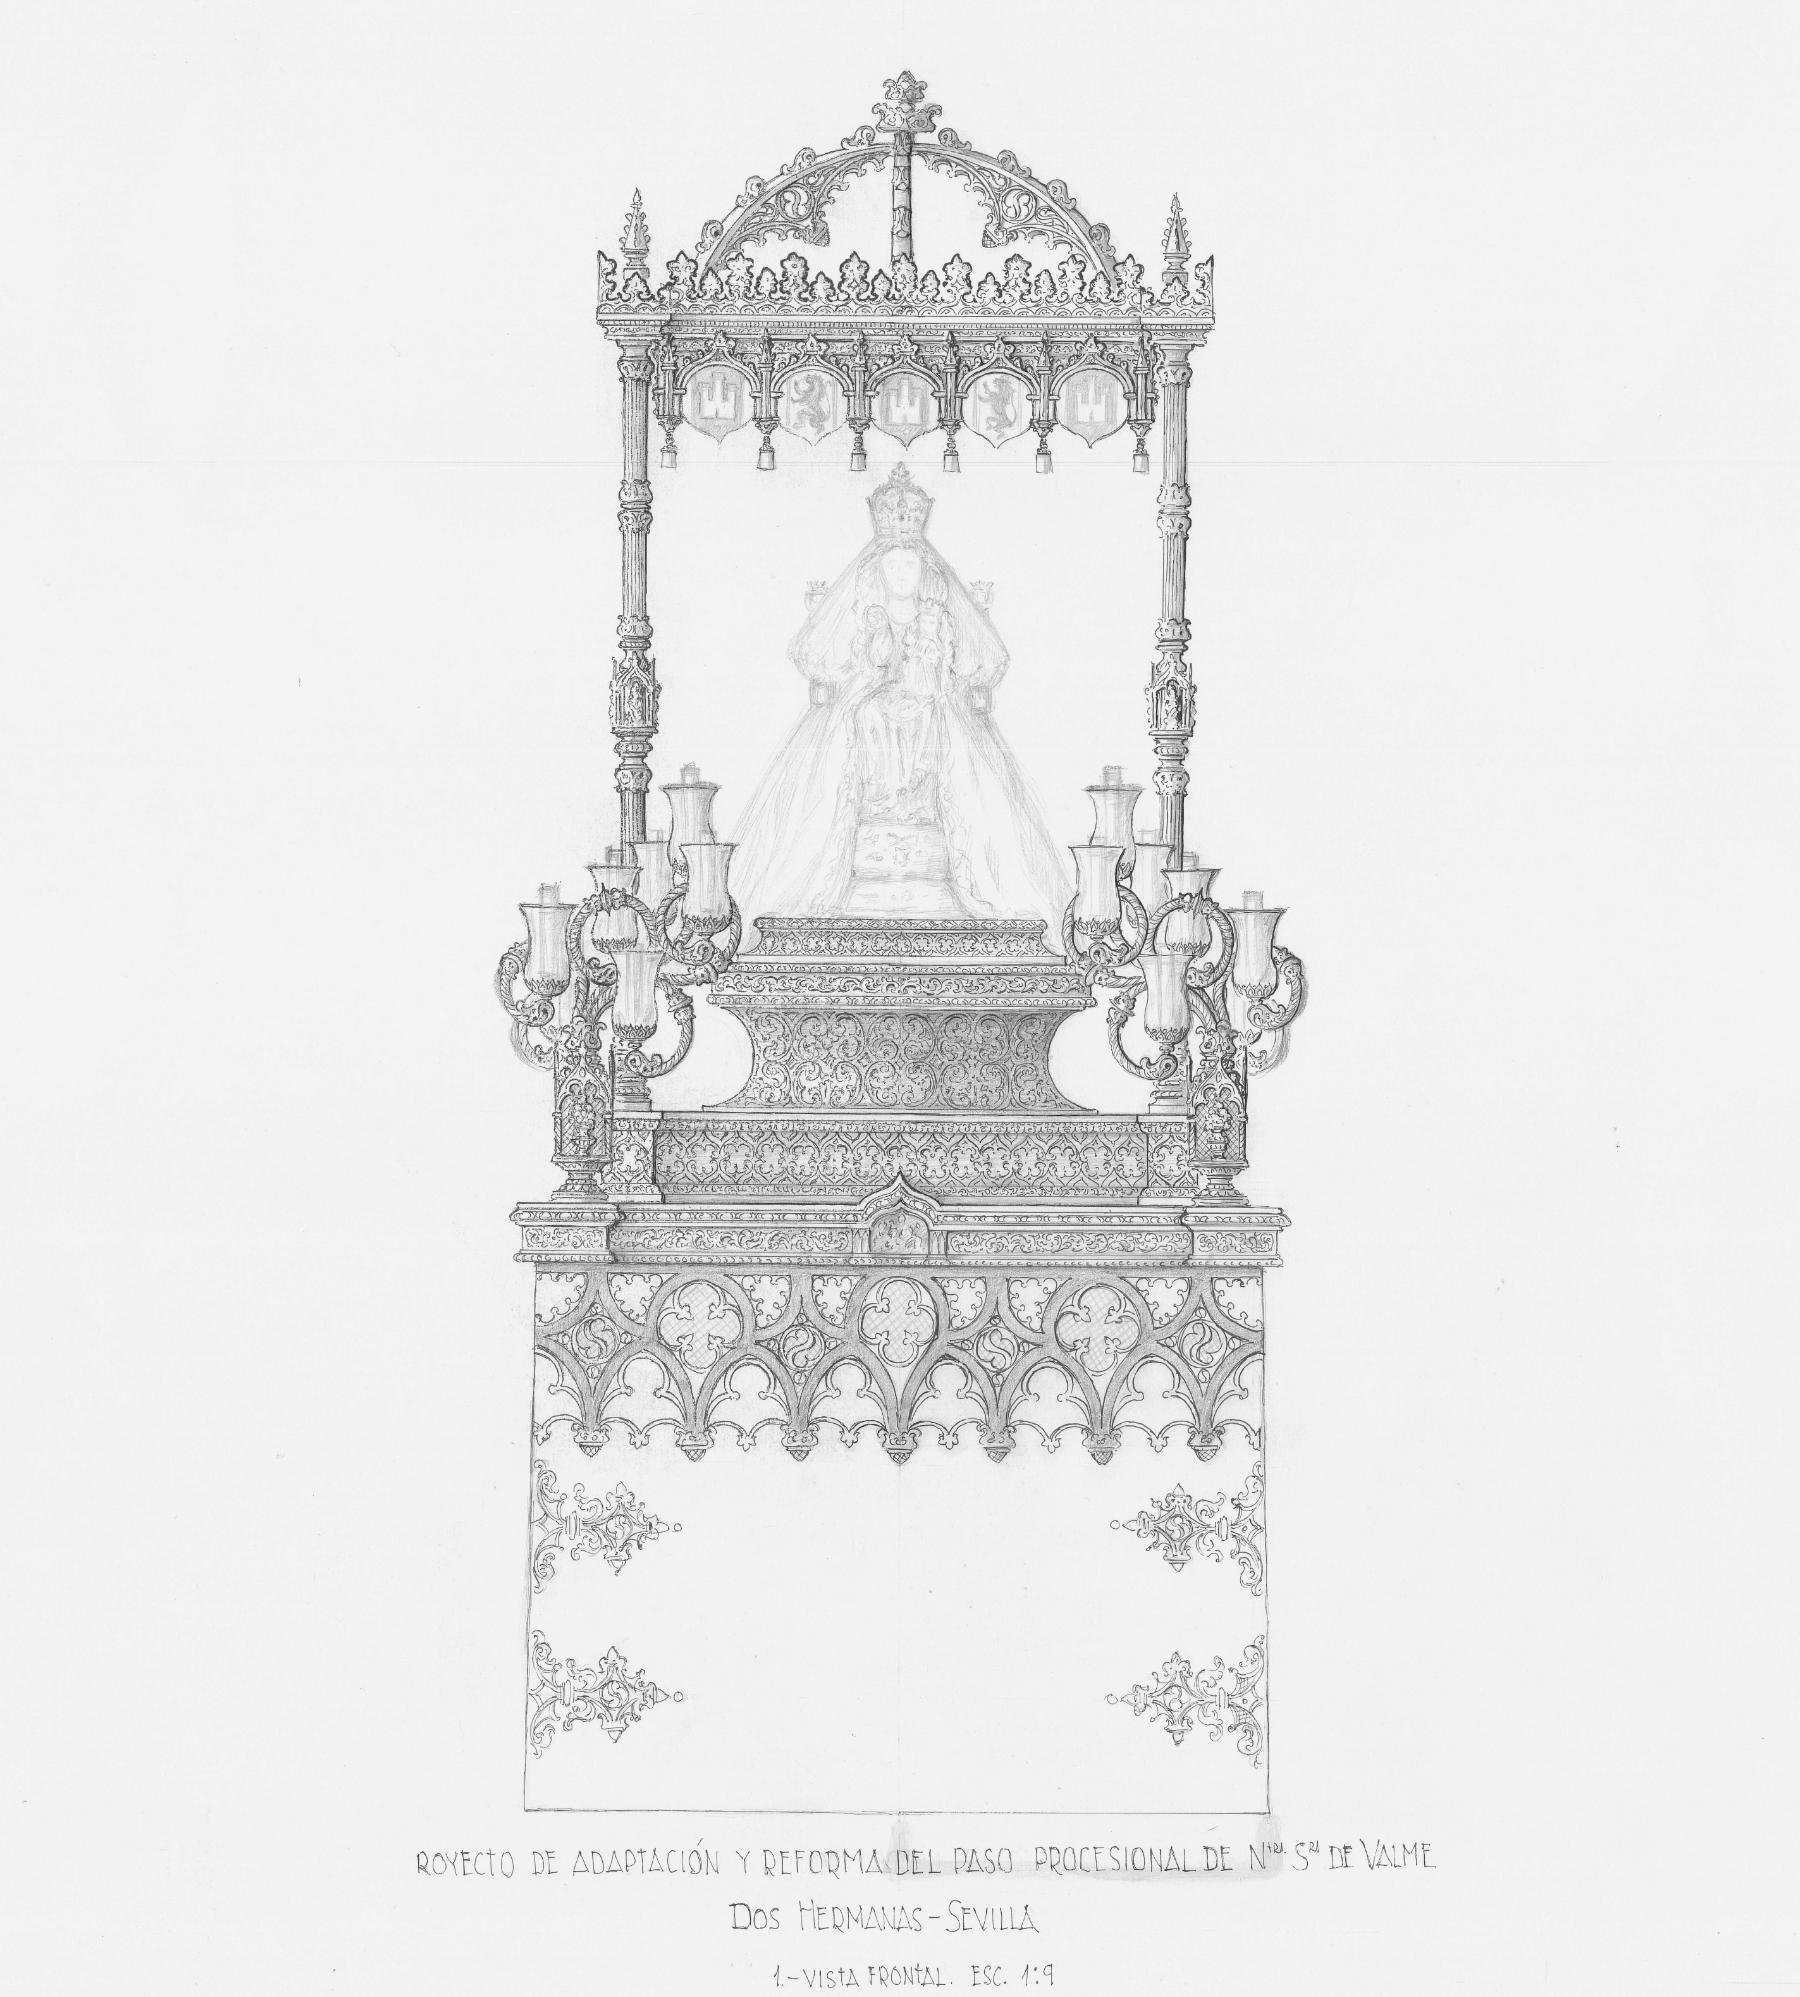 La Hermandad de Valme presenta el proyecto de reforma y adaptación del paso procesional de la Virgen, con vistas al 50º aniversario de la coronación canónica